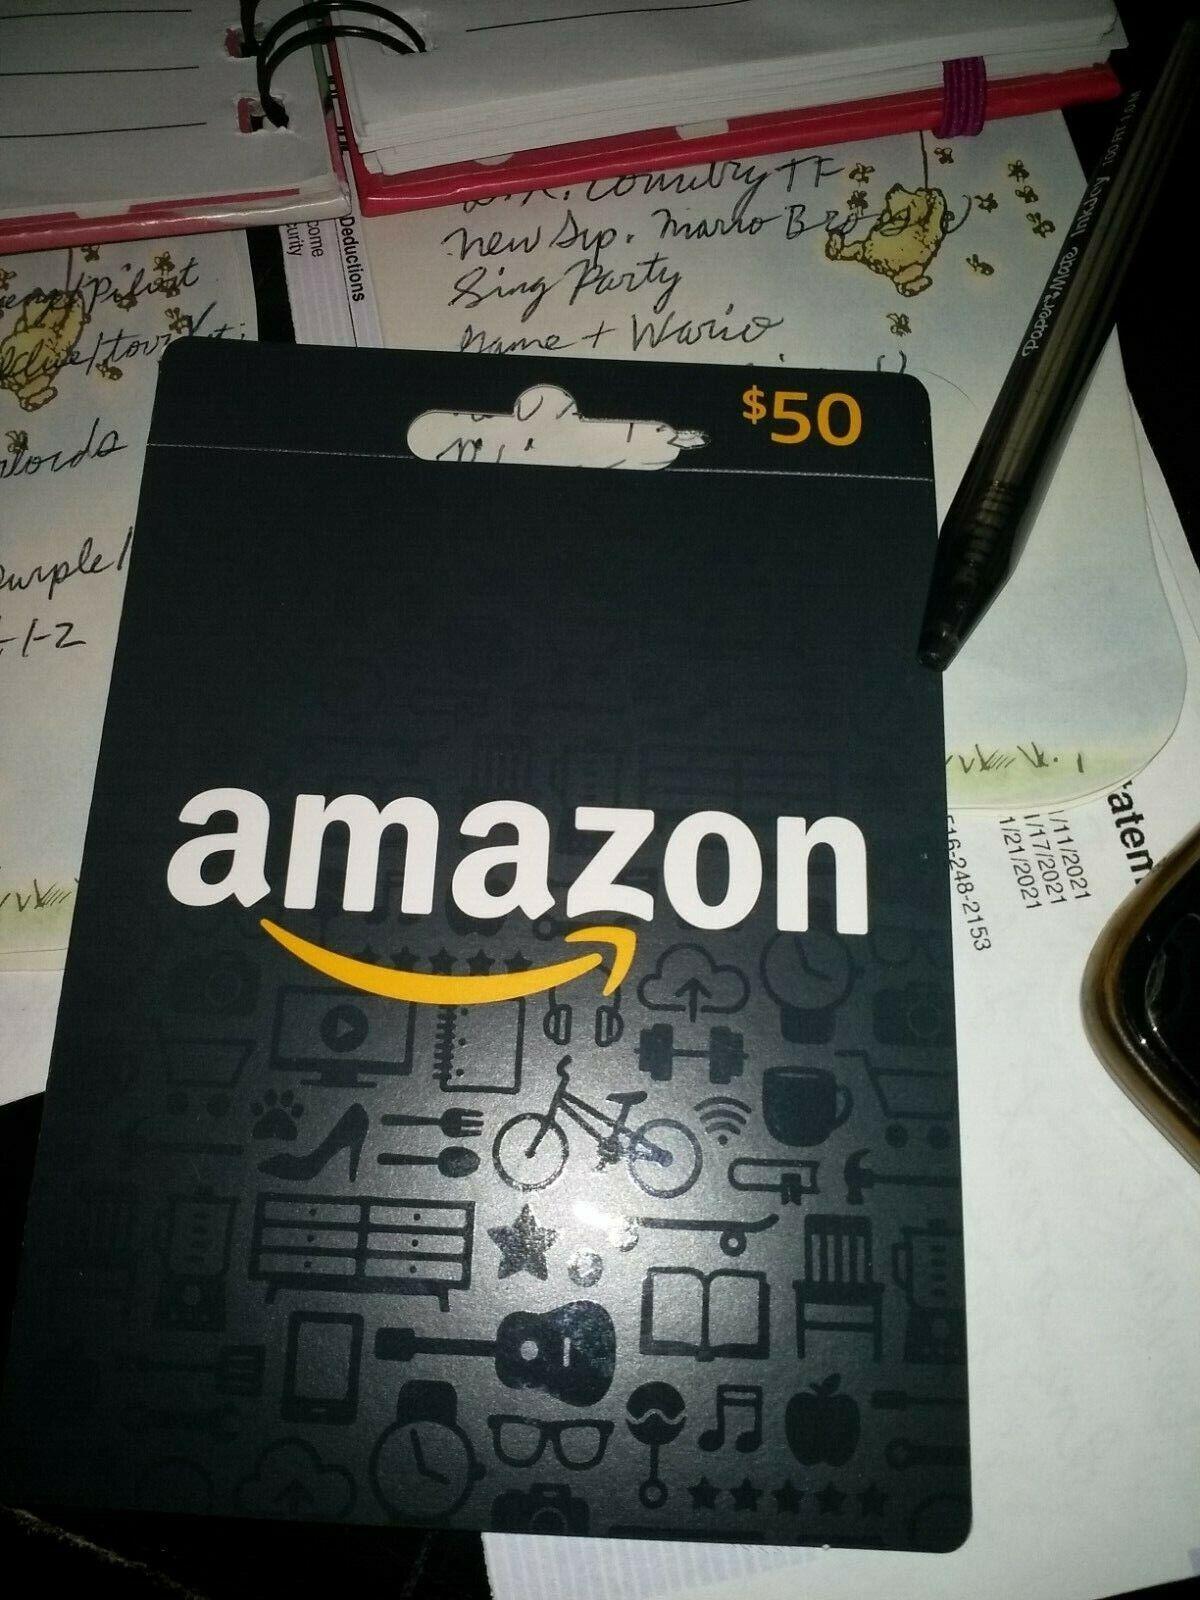 Amazon 50 Gift Card - $50.00